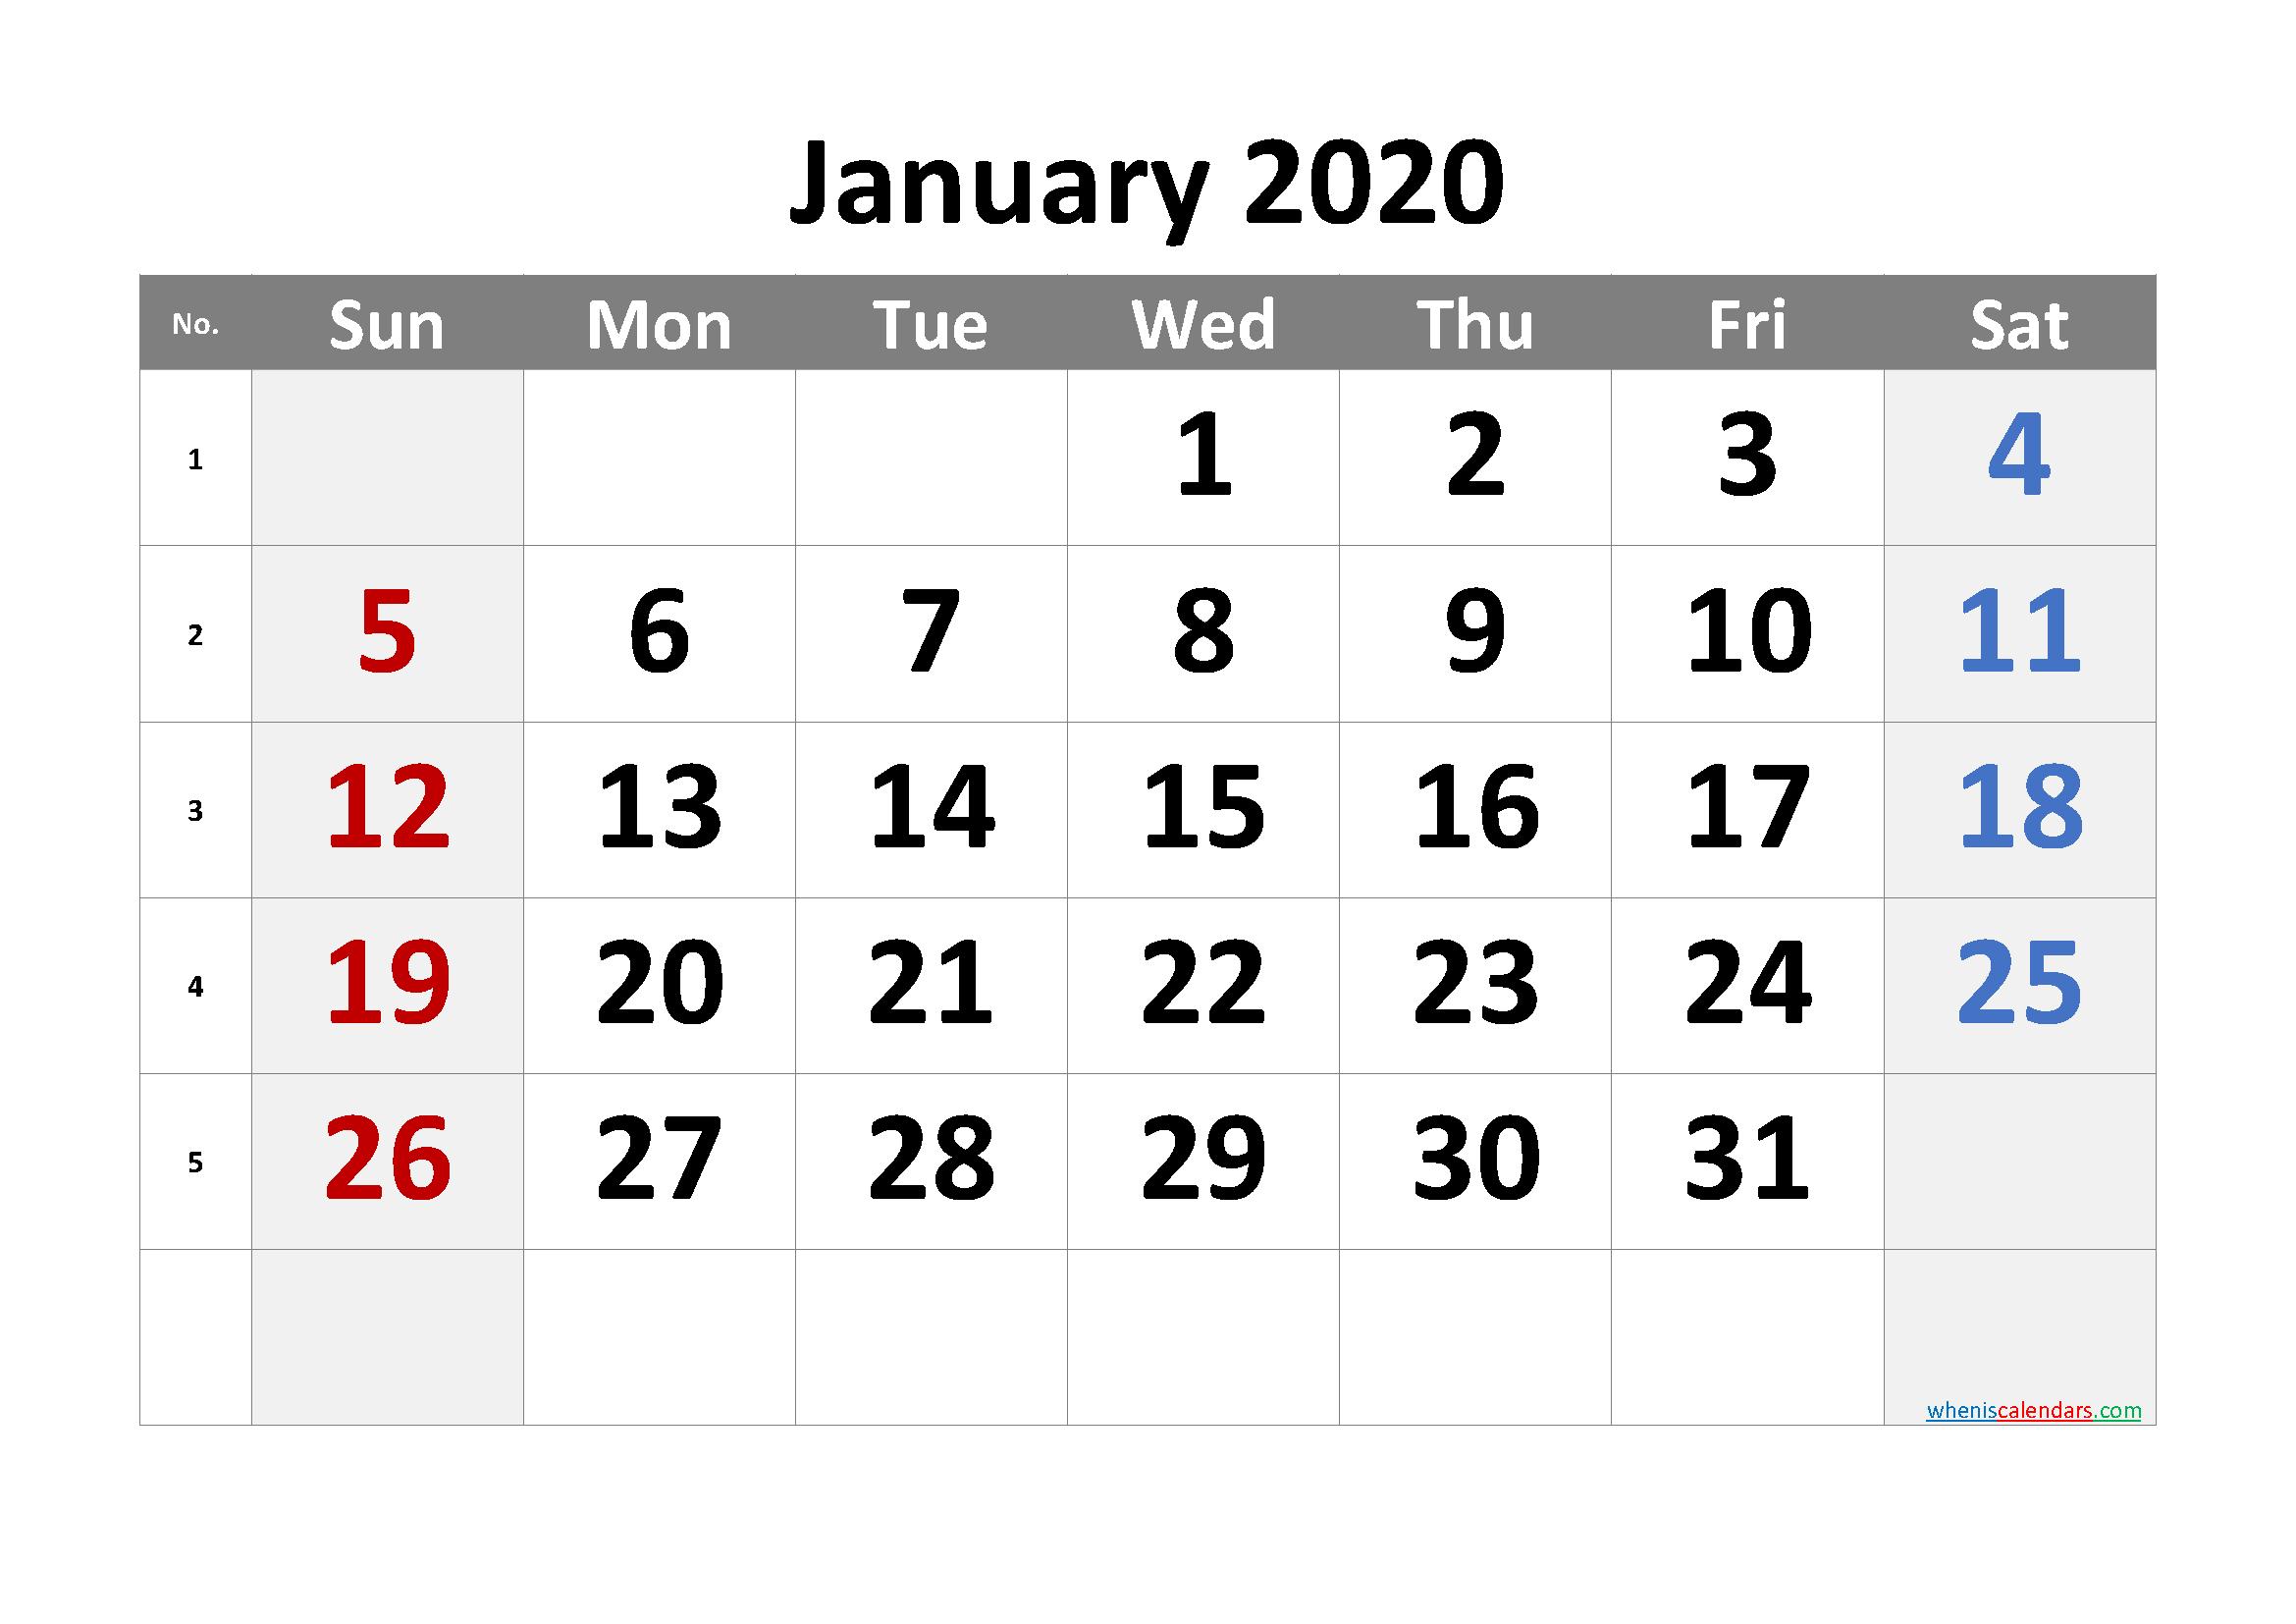 January 2020 Printable Calendar with Week Numbers